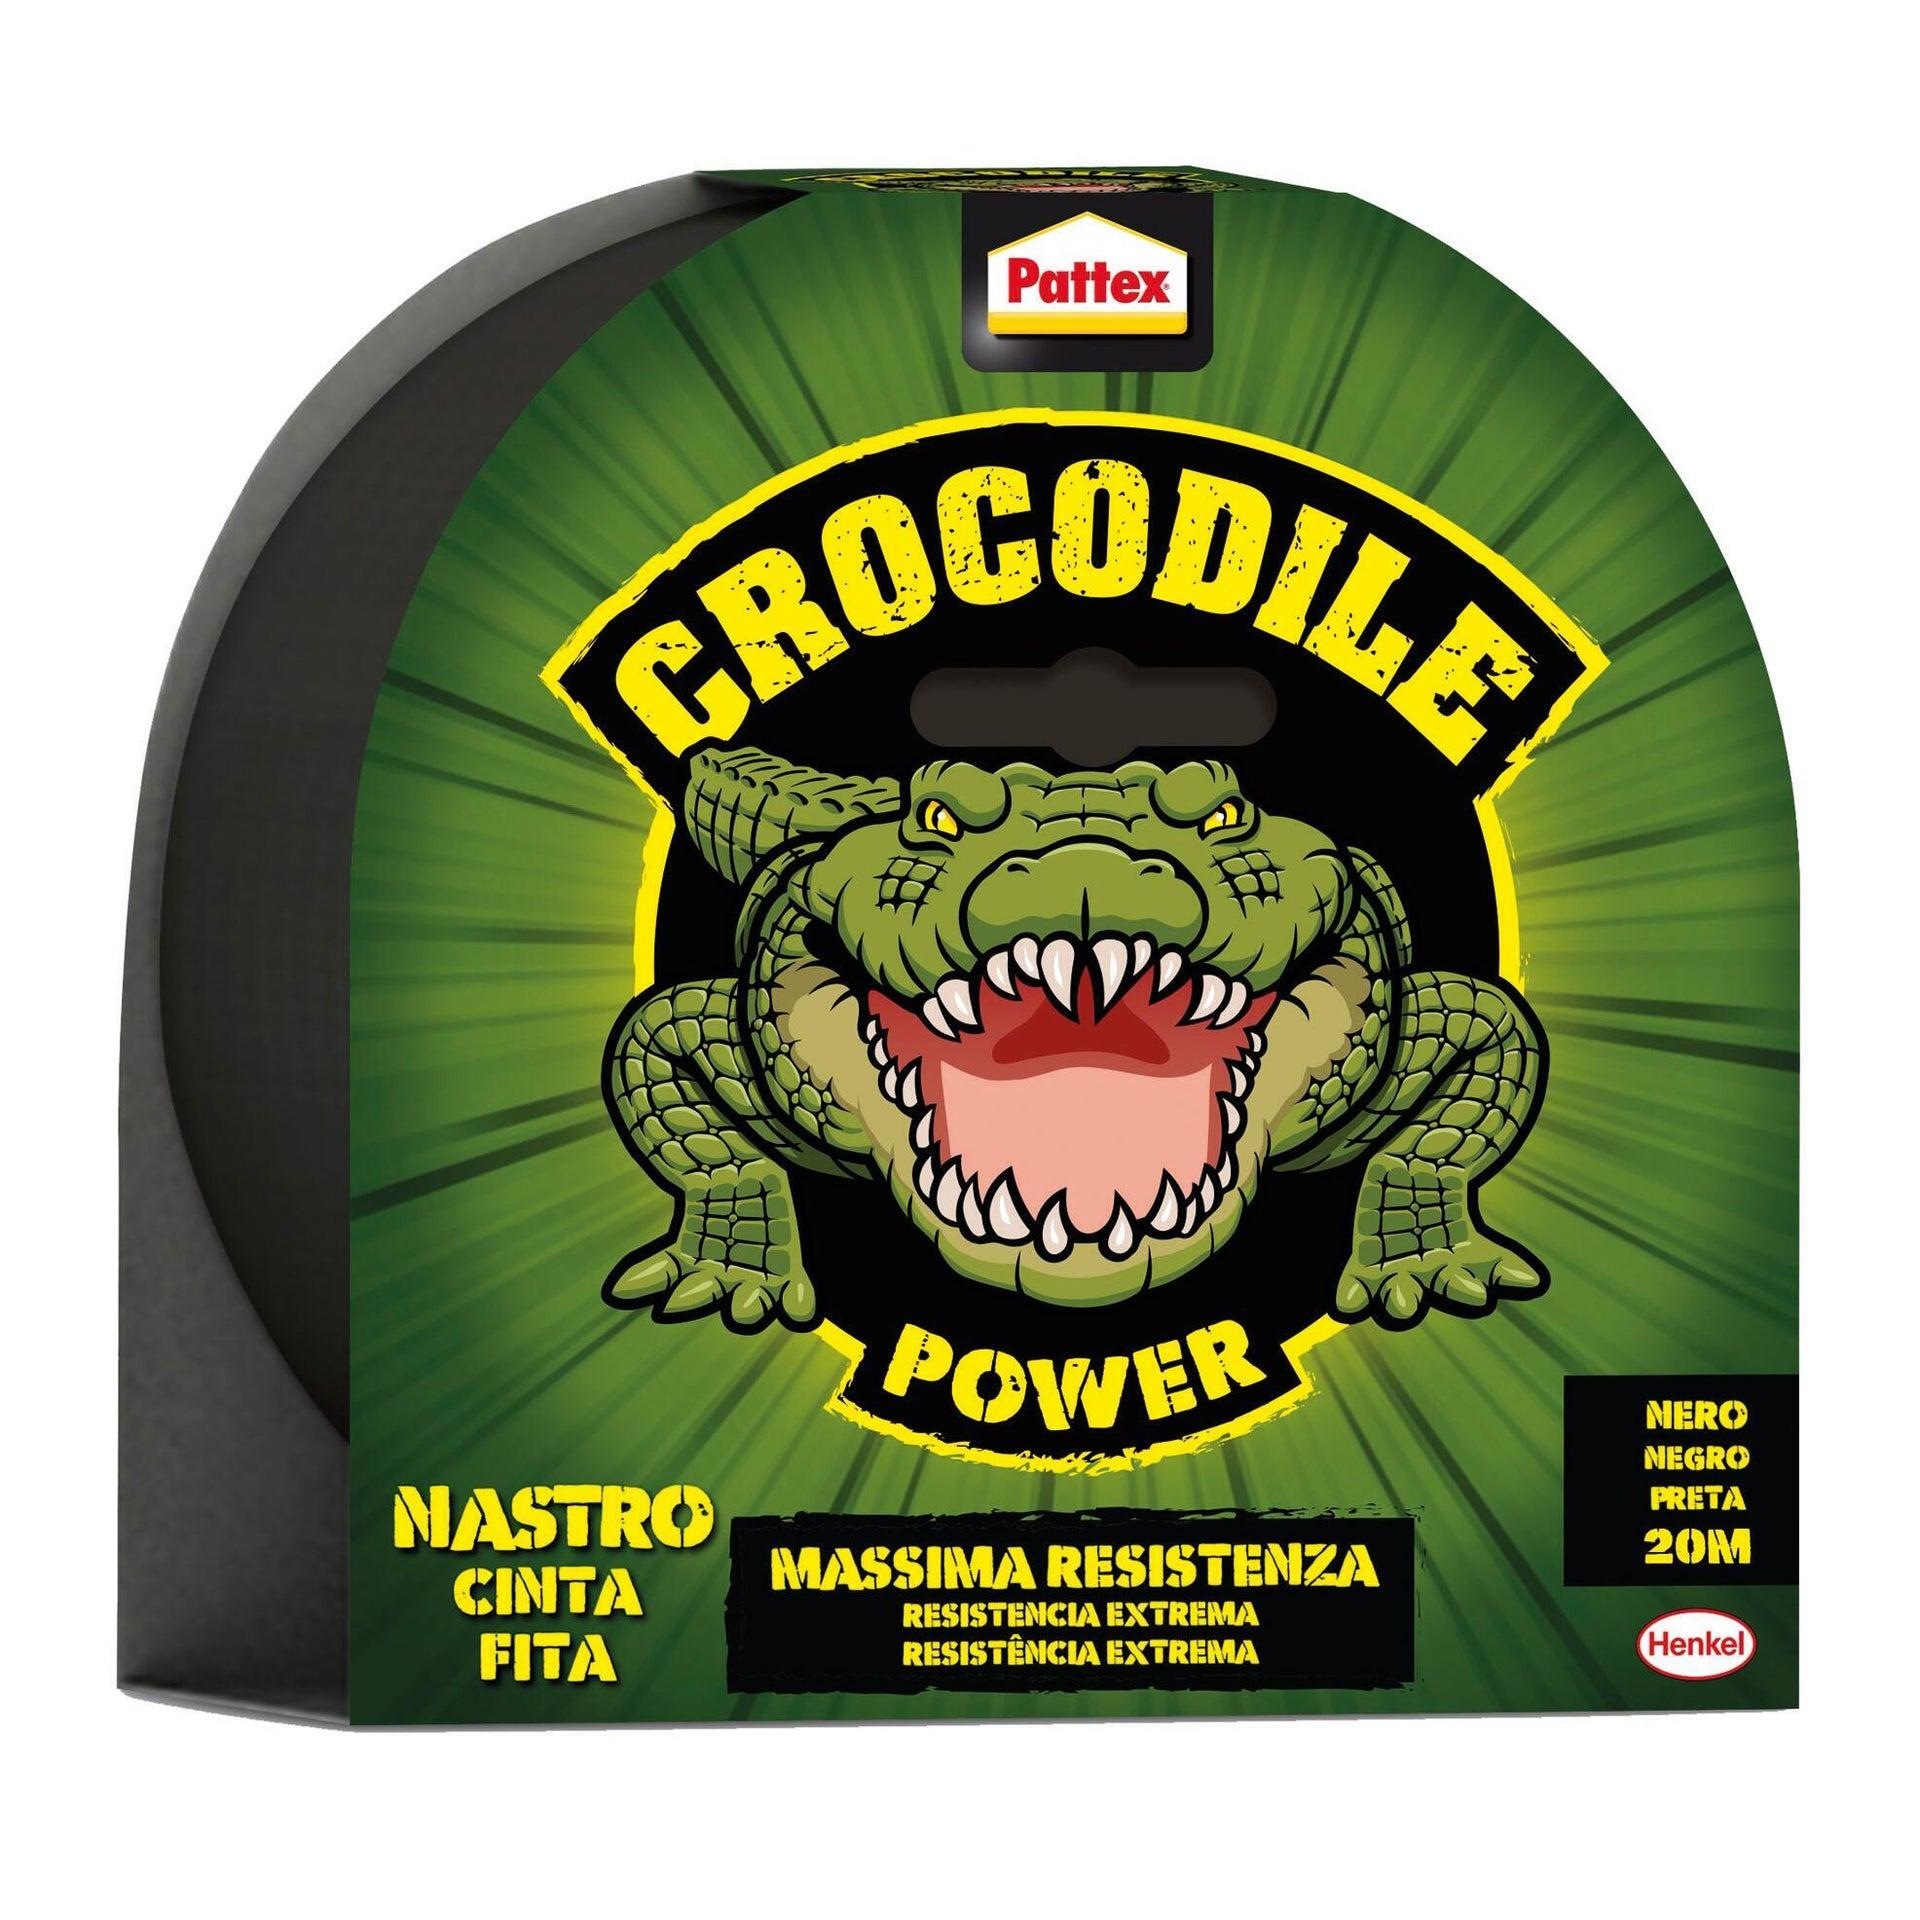 Nastro adesivo PATTEX PATTEX Crocodile Tape Nero 20m 48 mm x 20 m nero - 1